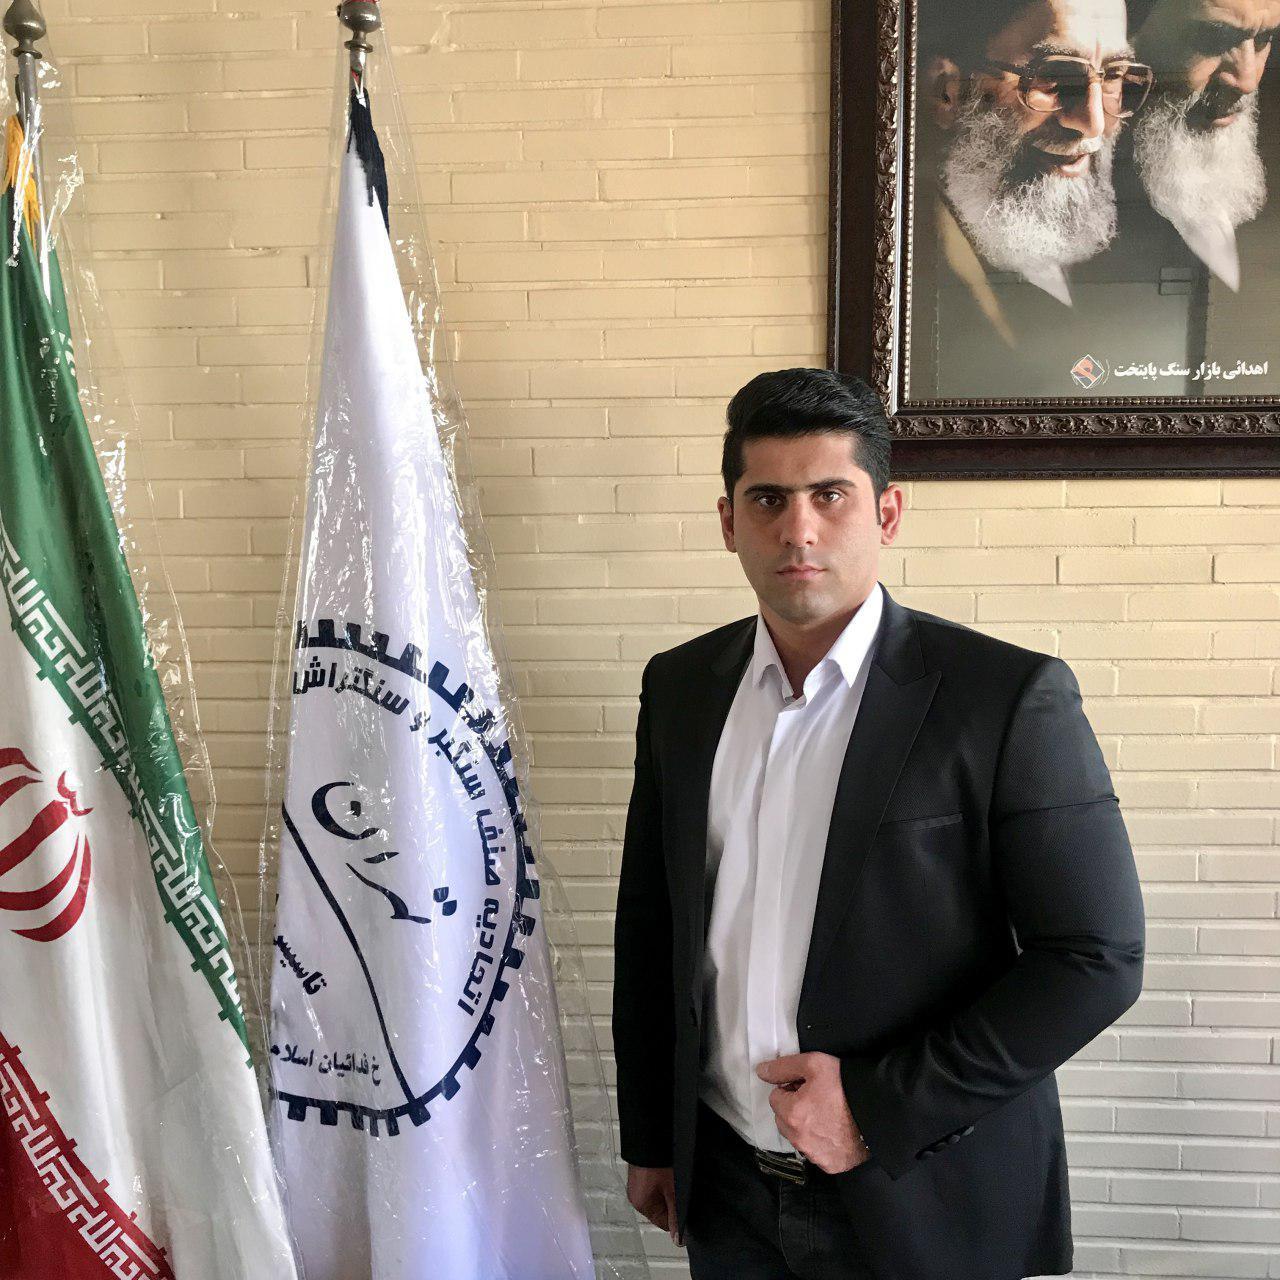 توضیحات خزانه دار اتحادیه سنگ فروش و سنگ تراشهای تهران درباره علل افزایش قیمت سنگ